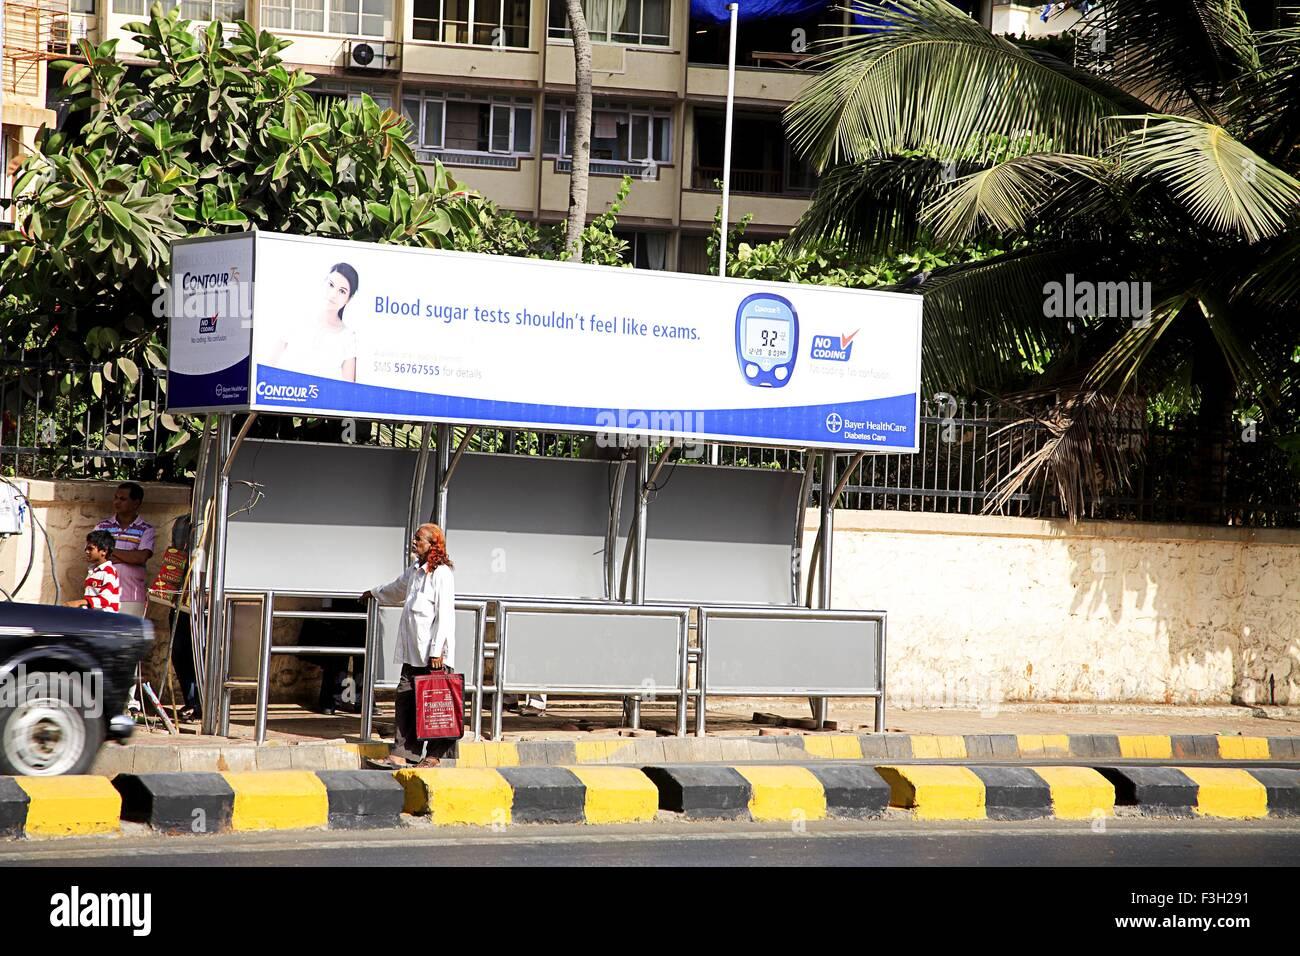 Publicité hording de surveillance de la glycémie contour ts de bus système Bhulabhai Desai road Route Photo Stock